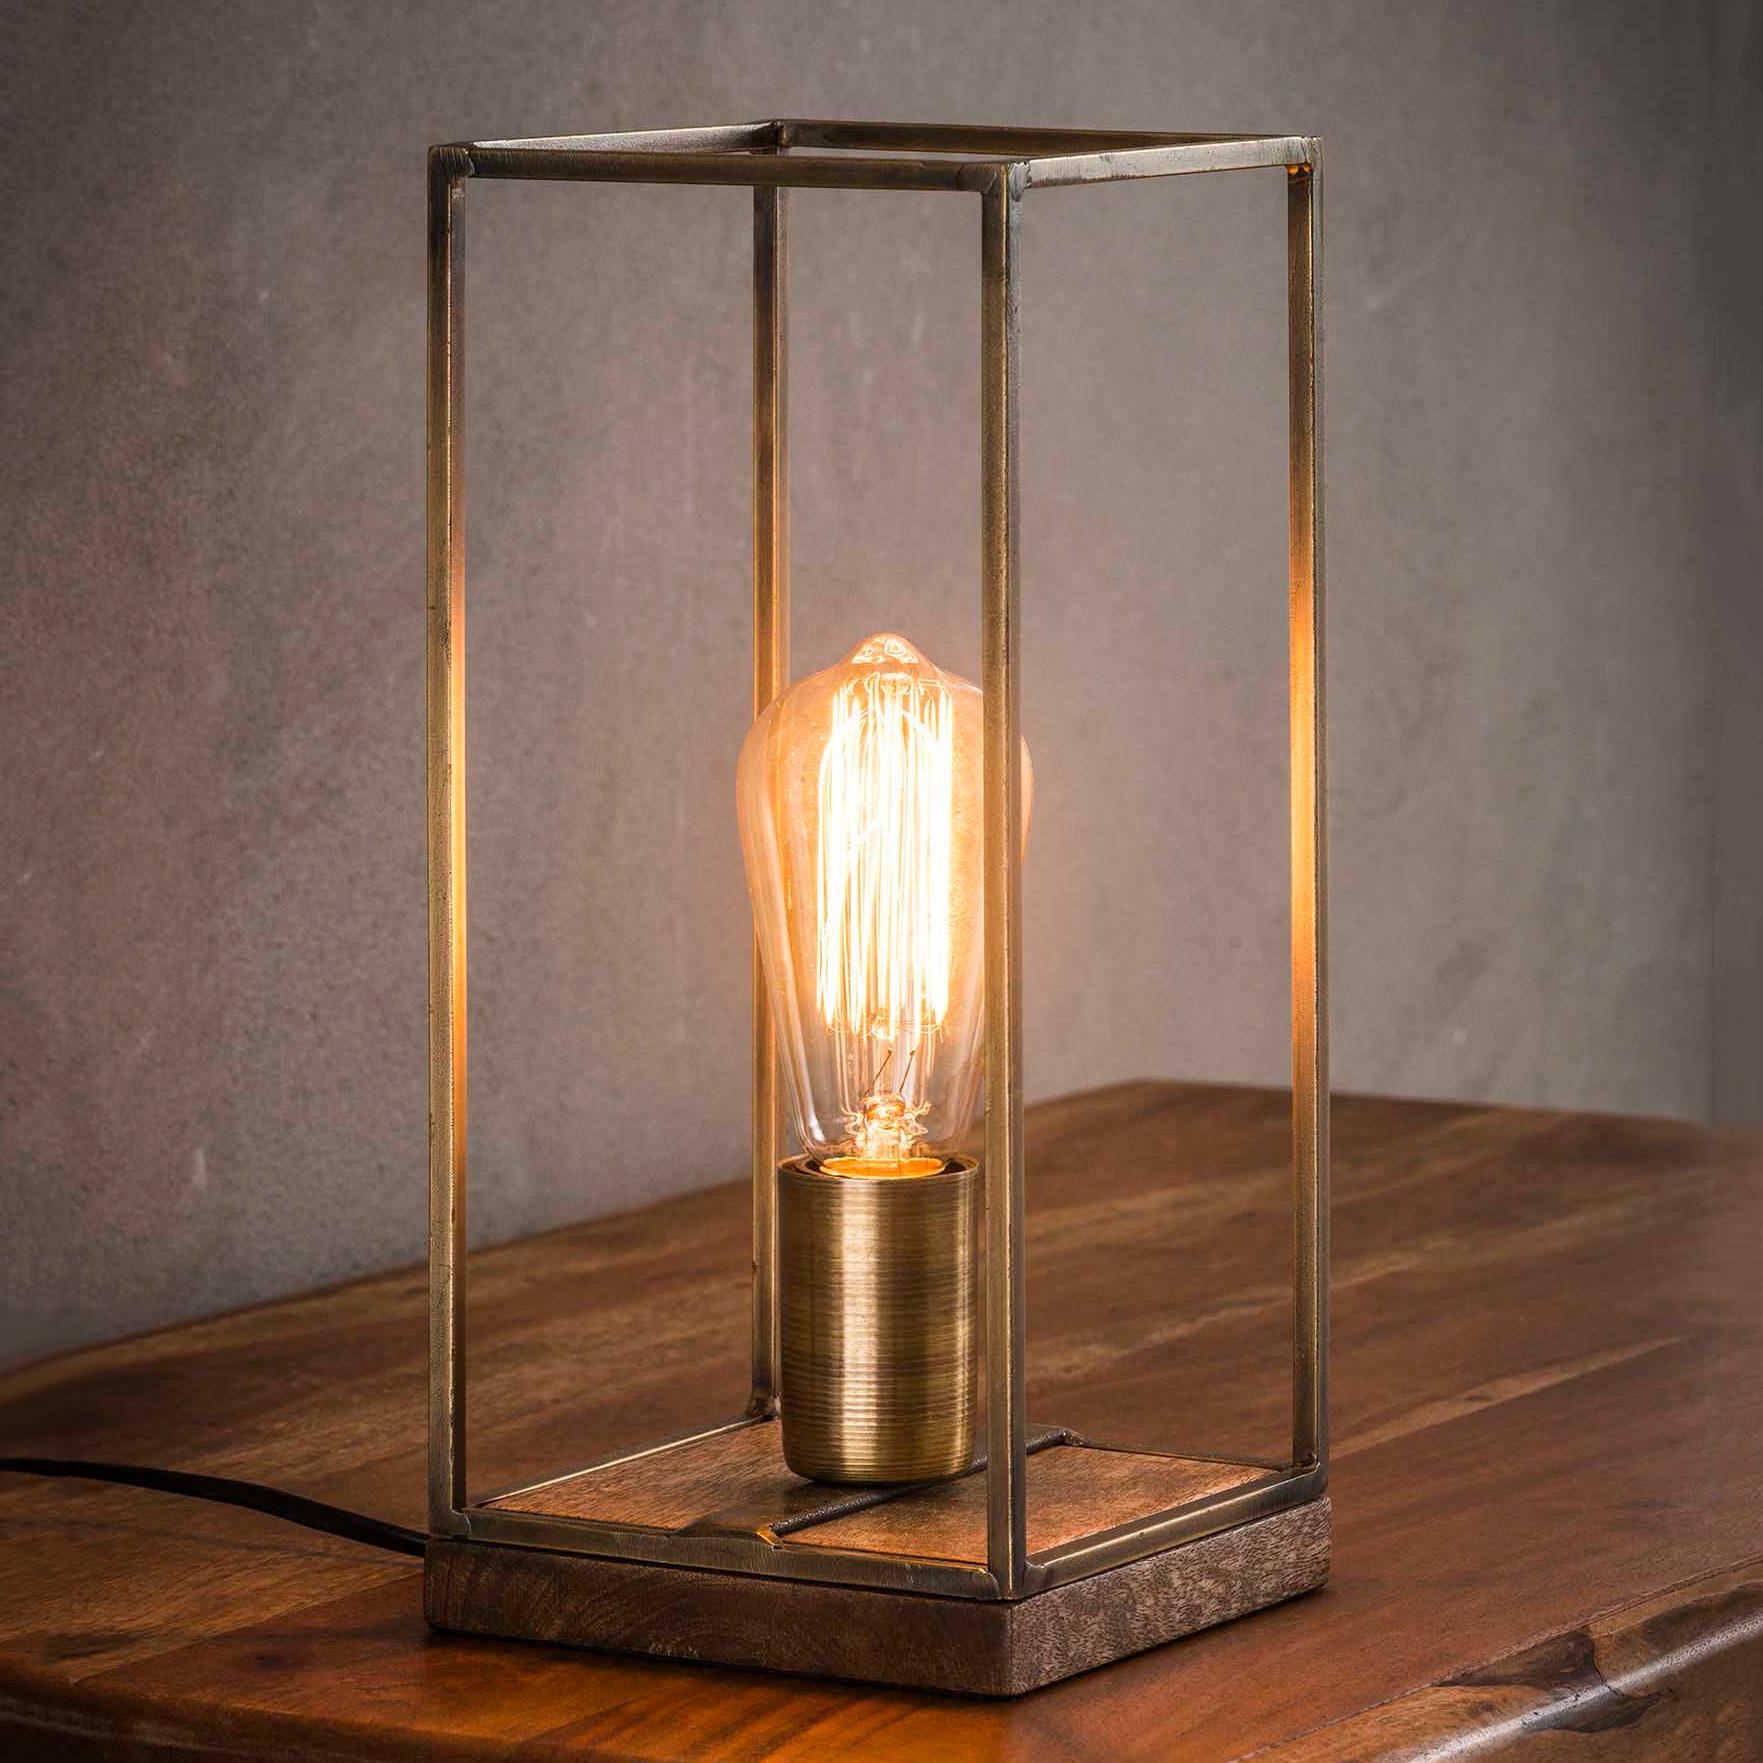 Tafellamp 'Jean-Louis' metaal met houten voet Verlichting